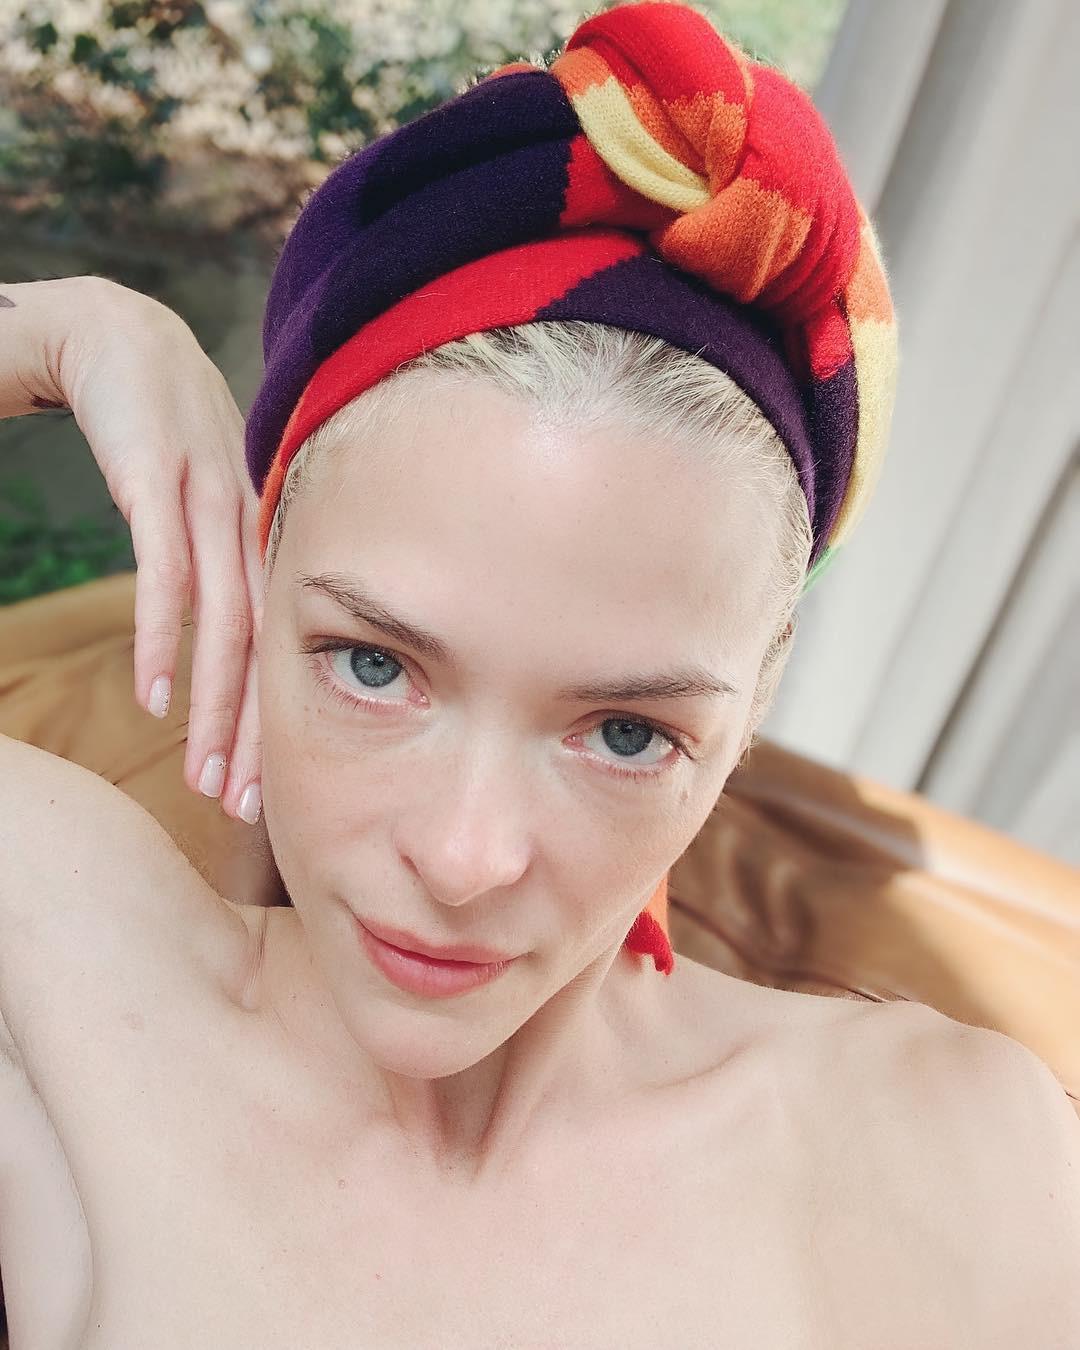 Đừng 'ngó lơ' 6 tips chăm da sau của các người mẫu bởi rất có thể, bạn sẽ tìm thấy chìa khóa nâng cấp nhan sắc 3